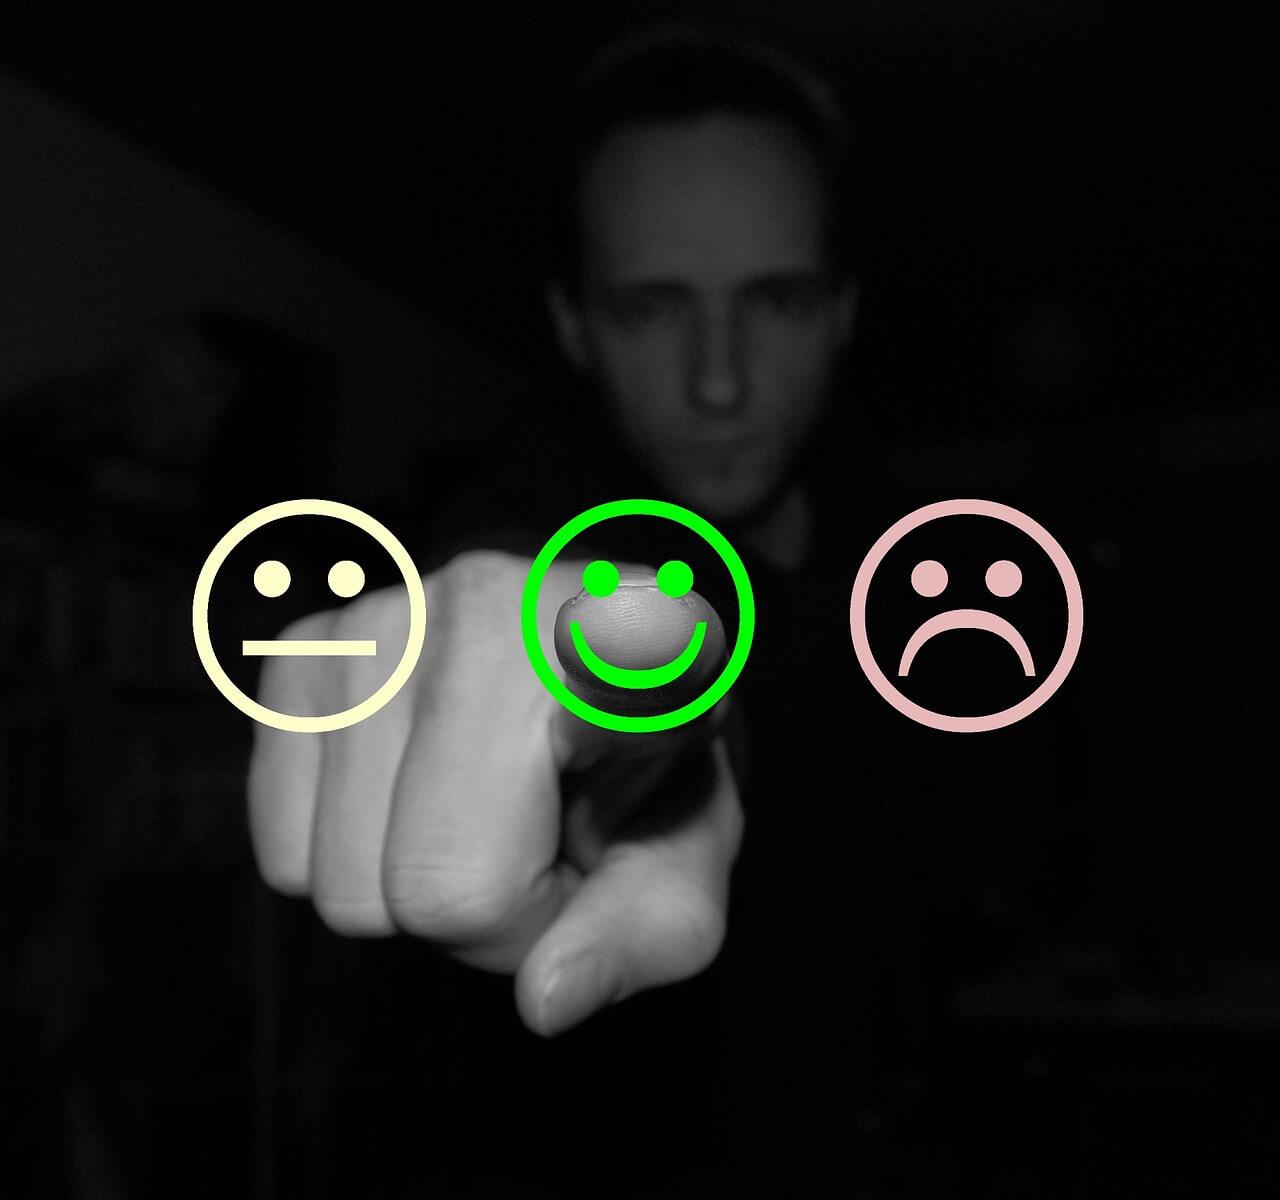 Moderne Meinungsforschung funktioniert einfach: Ein Klick und Ihre Meinung wird erfasst.